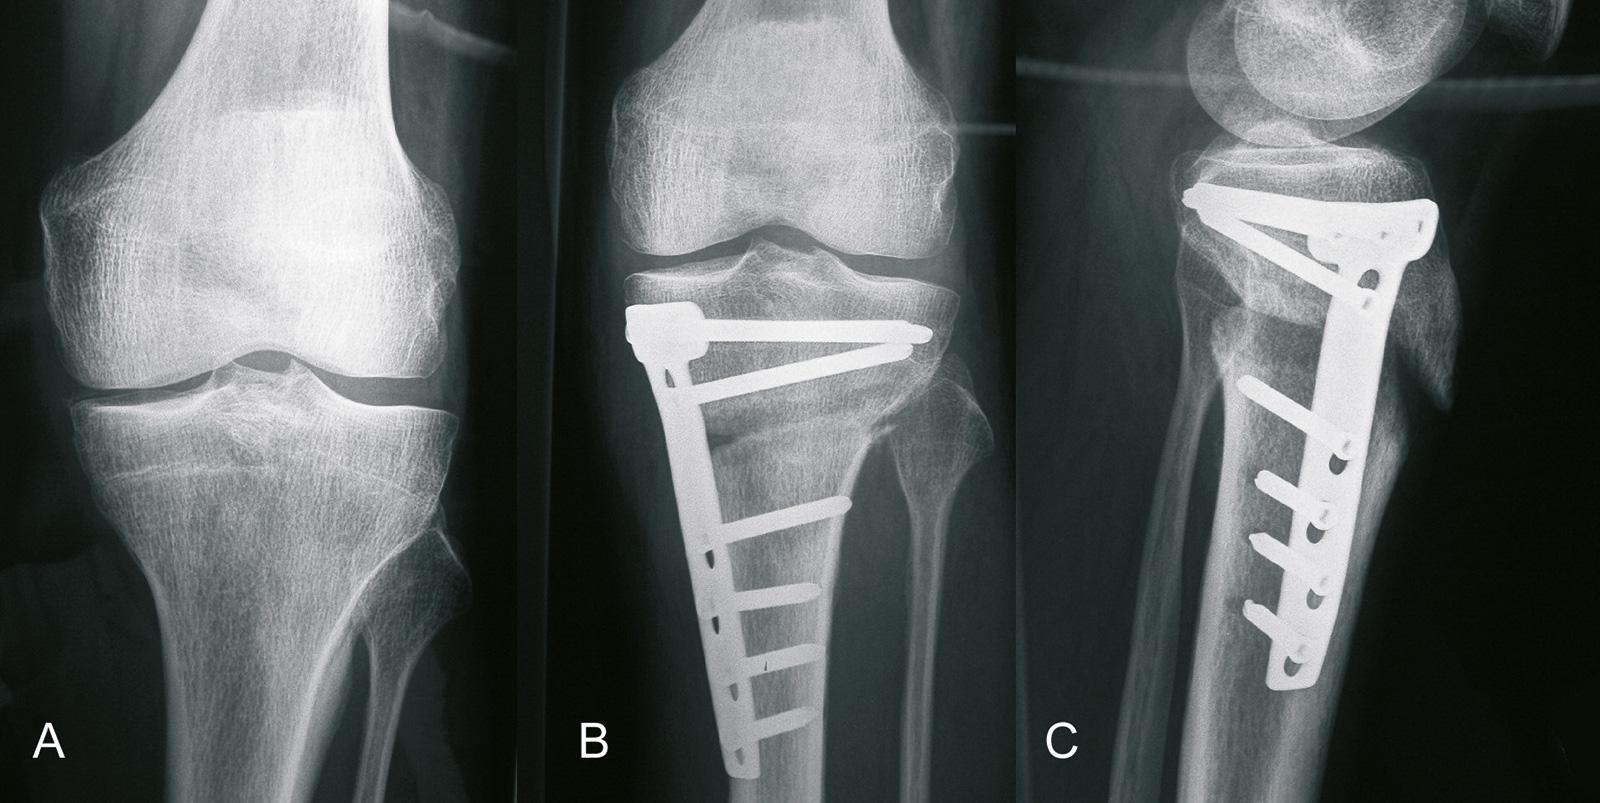 Abb. 1-36: Aufklappende Osteotomie mit einer winkelstabilen Platte (Tomofix-Platte) (Eigentum des Instituts für Klinische Radiologie der Universität Münster)